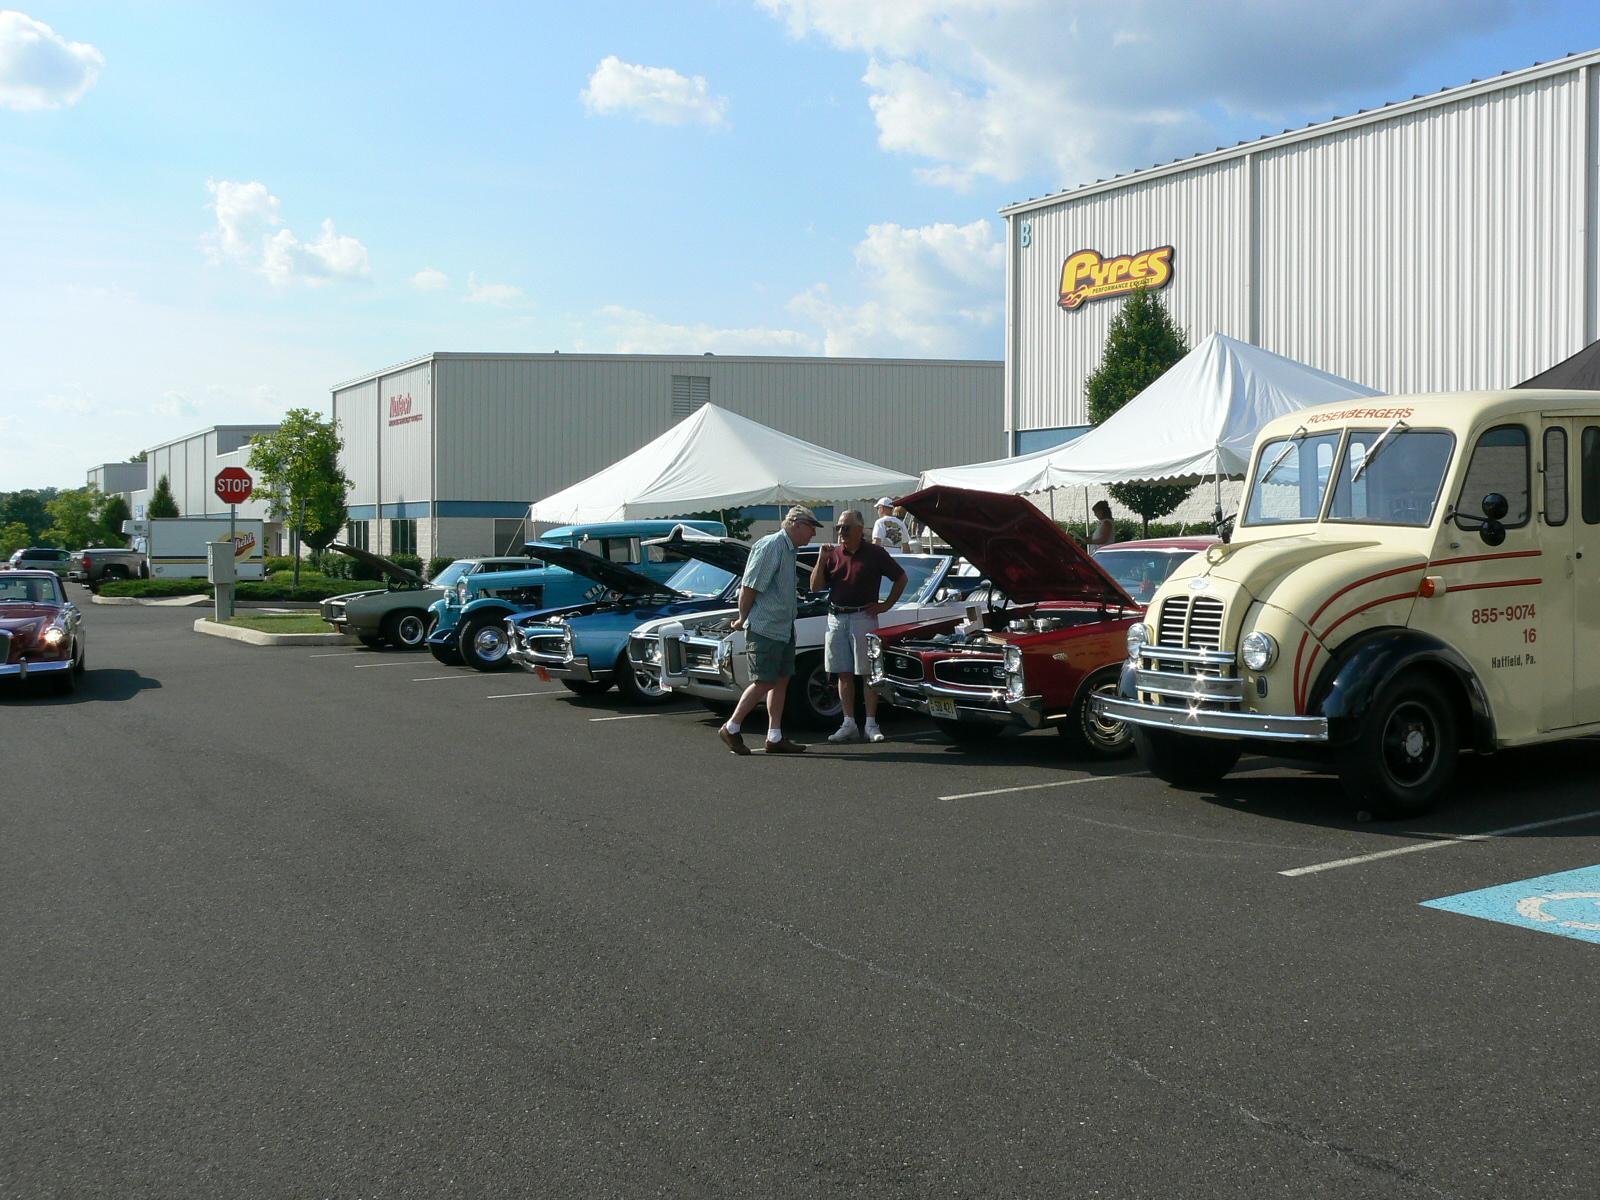 Pontiac's in Pontiac-p1030415.jpg